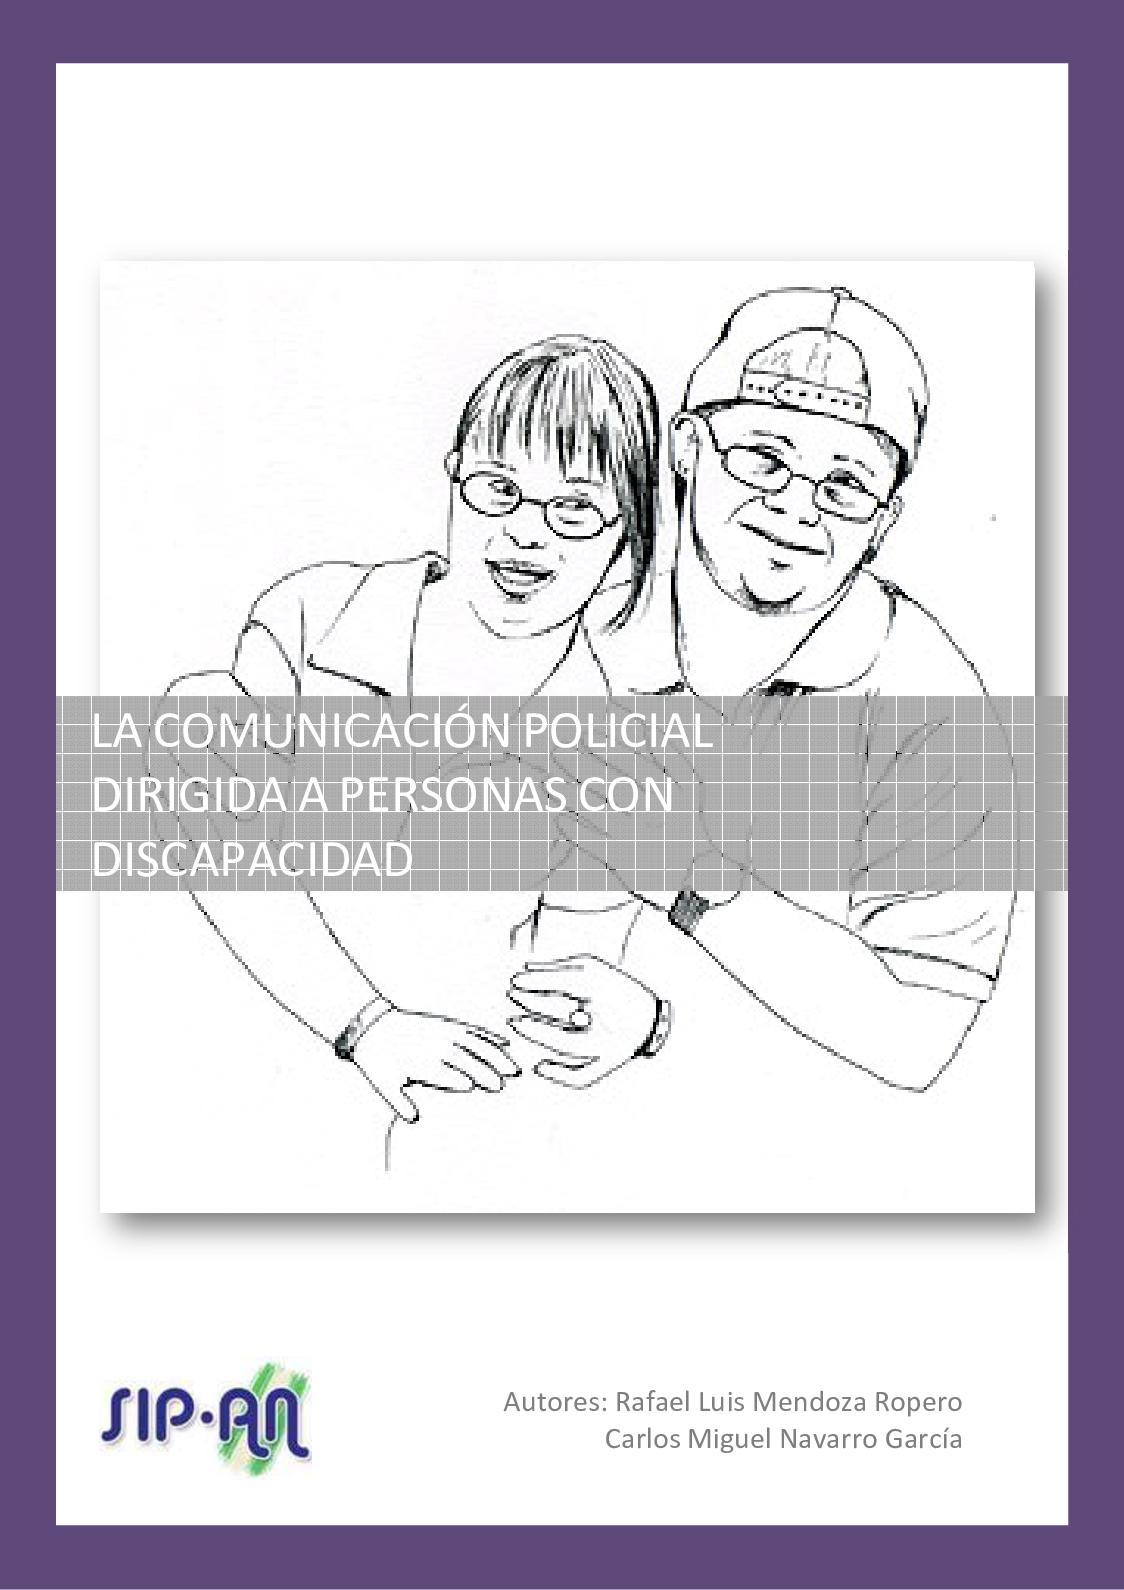 368 La Comunicacion Policial Dirigida A Personas Con Discapacidad